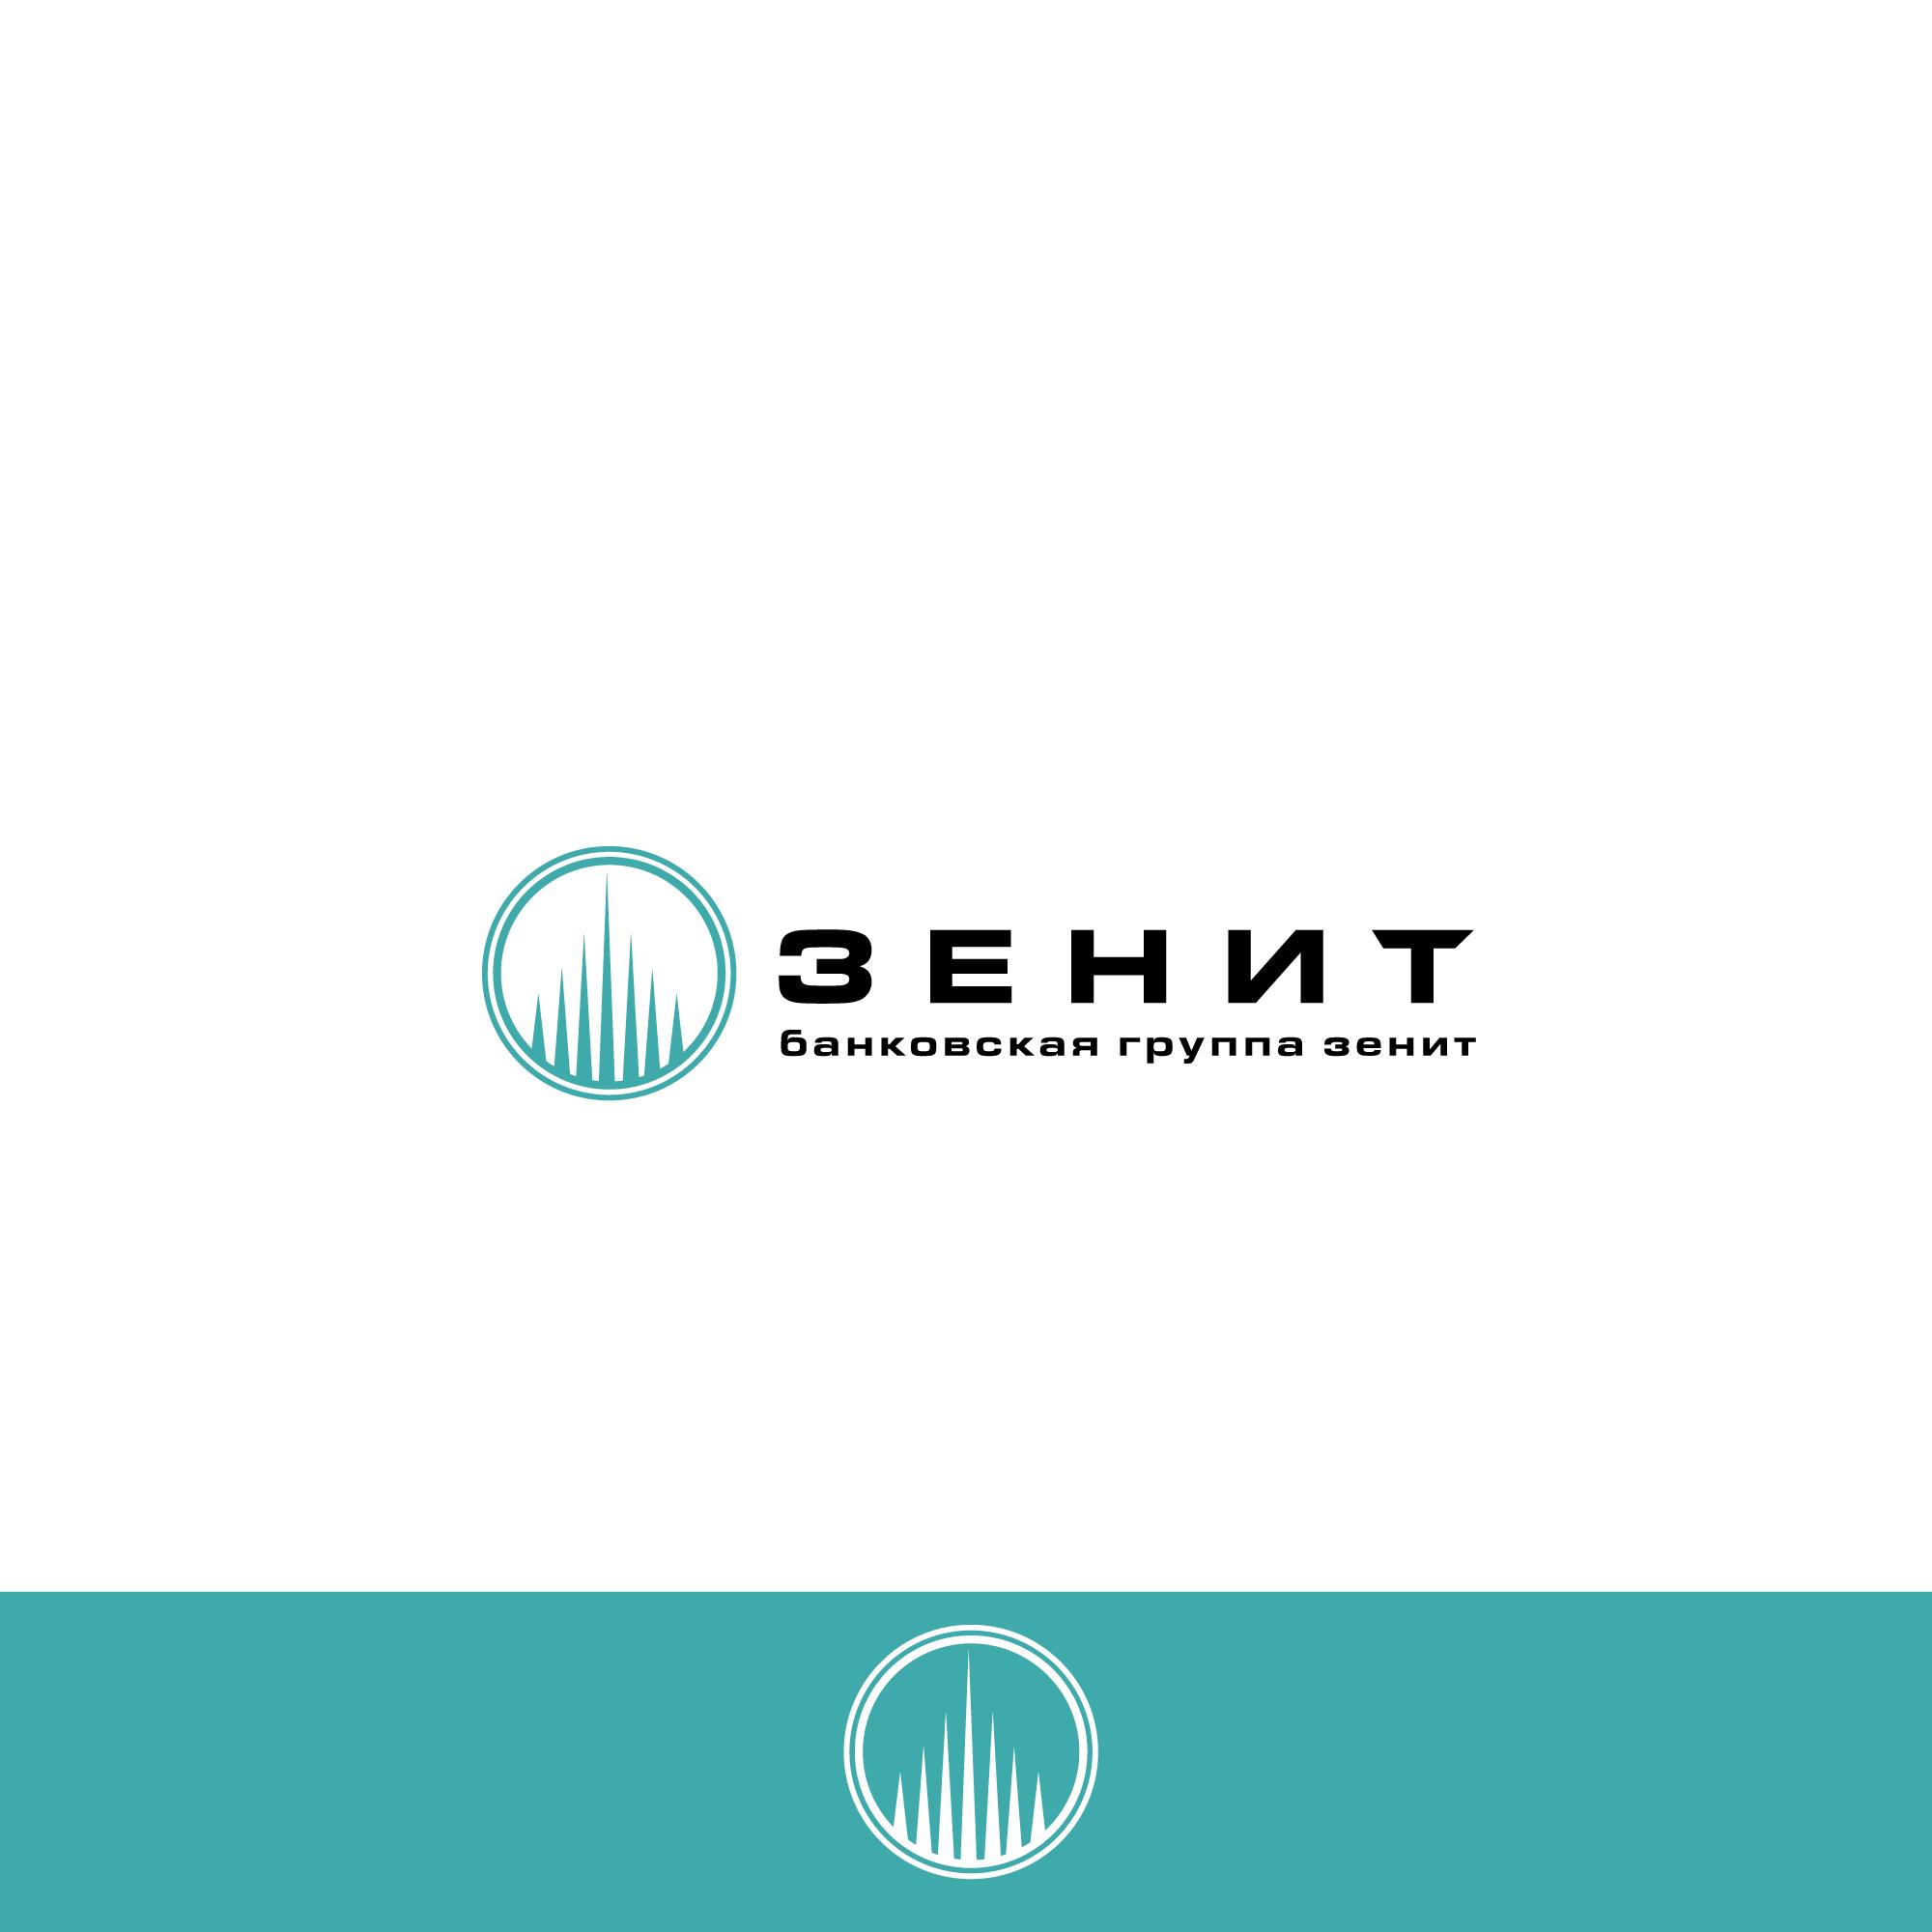 Разработка логотипа для Банка ЗЕНИТ фото f_0575b4a86e5090c9.jpg